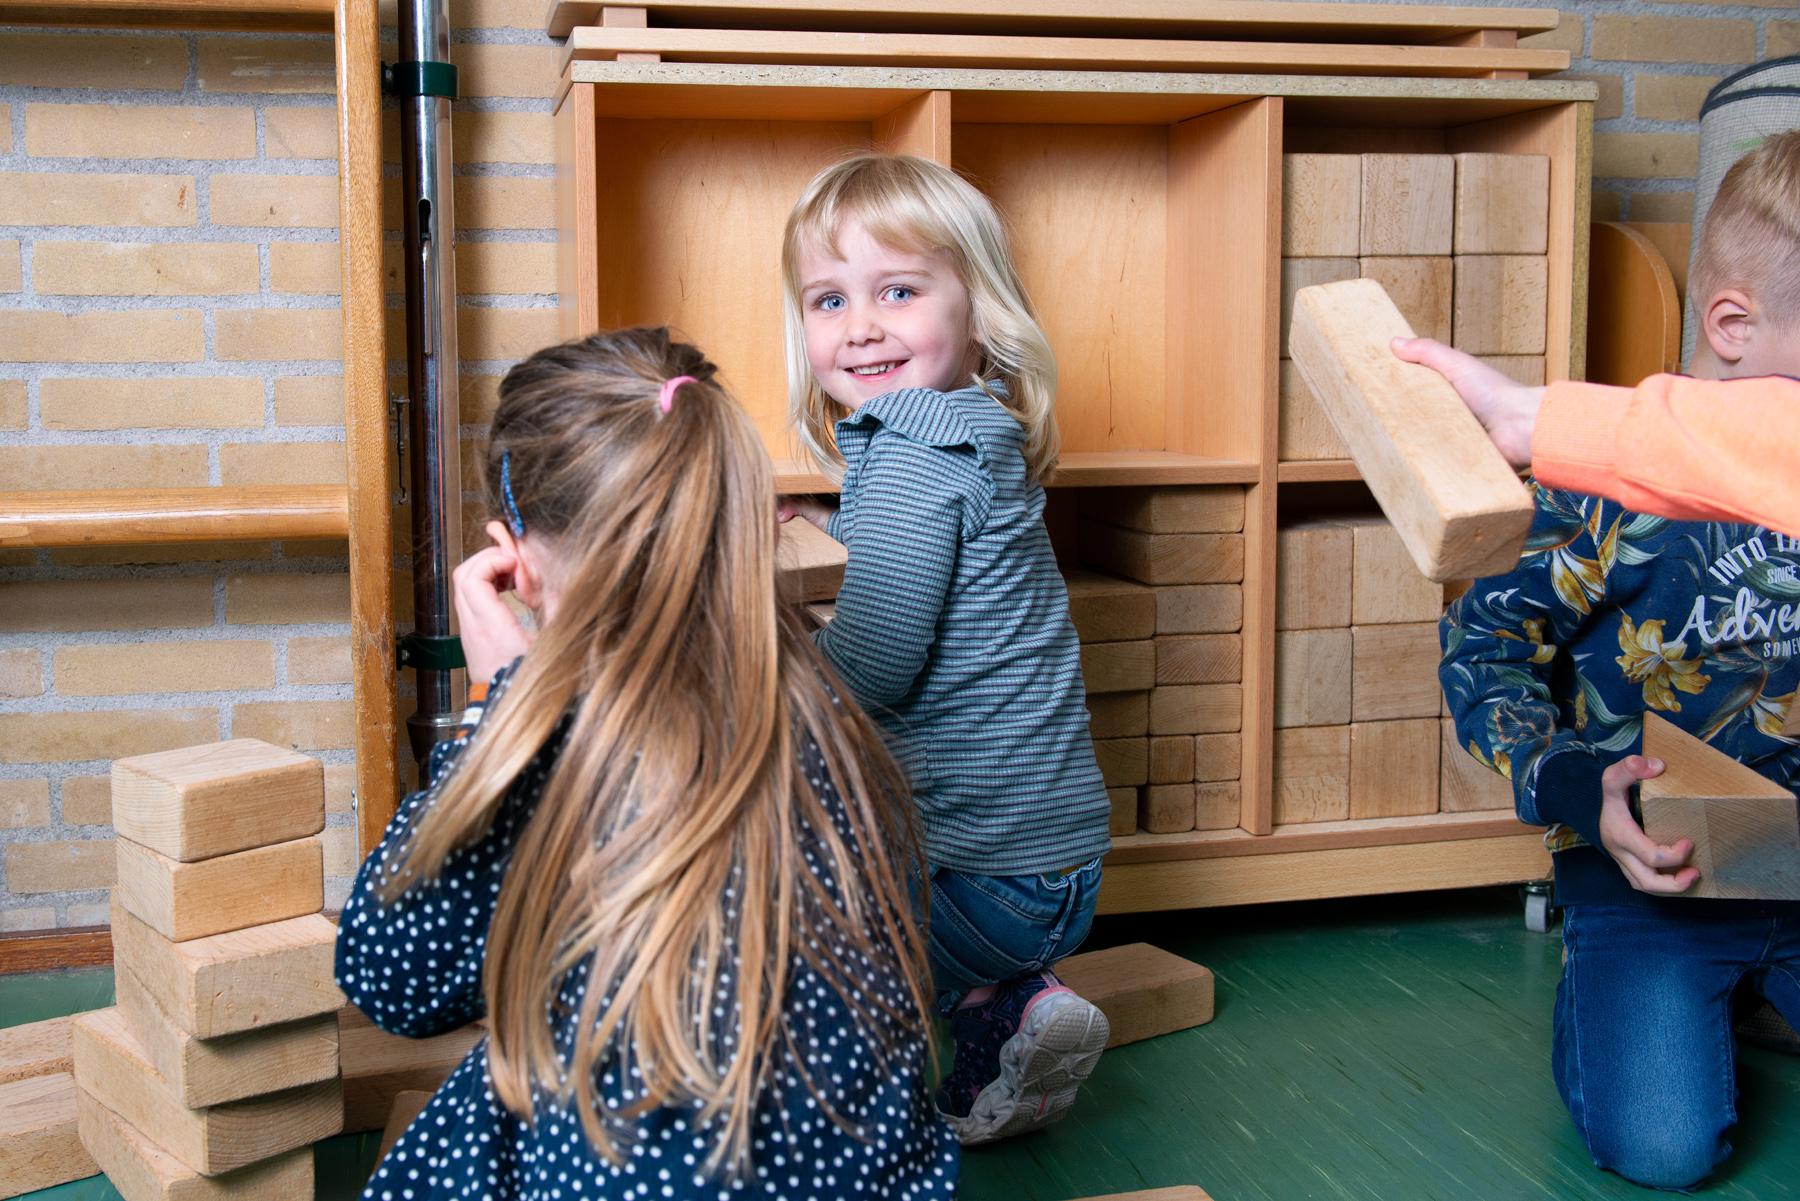 Kindcentrum Het Anker Zwartebroek 06 LR